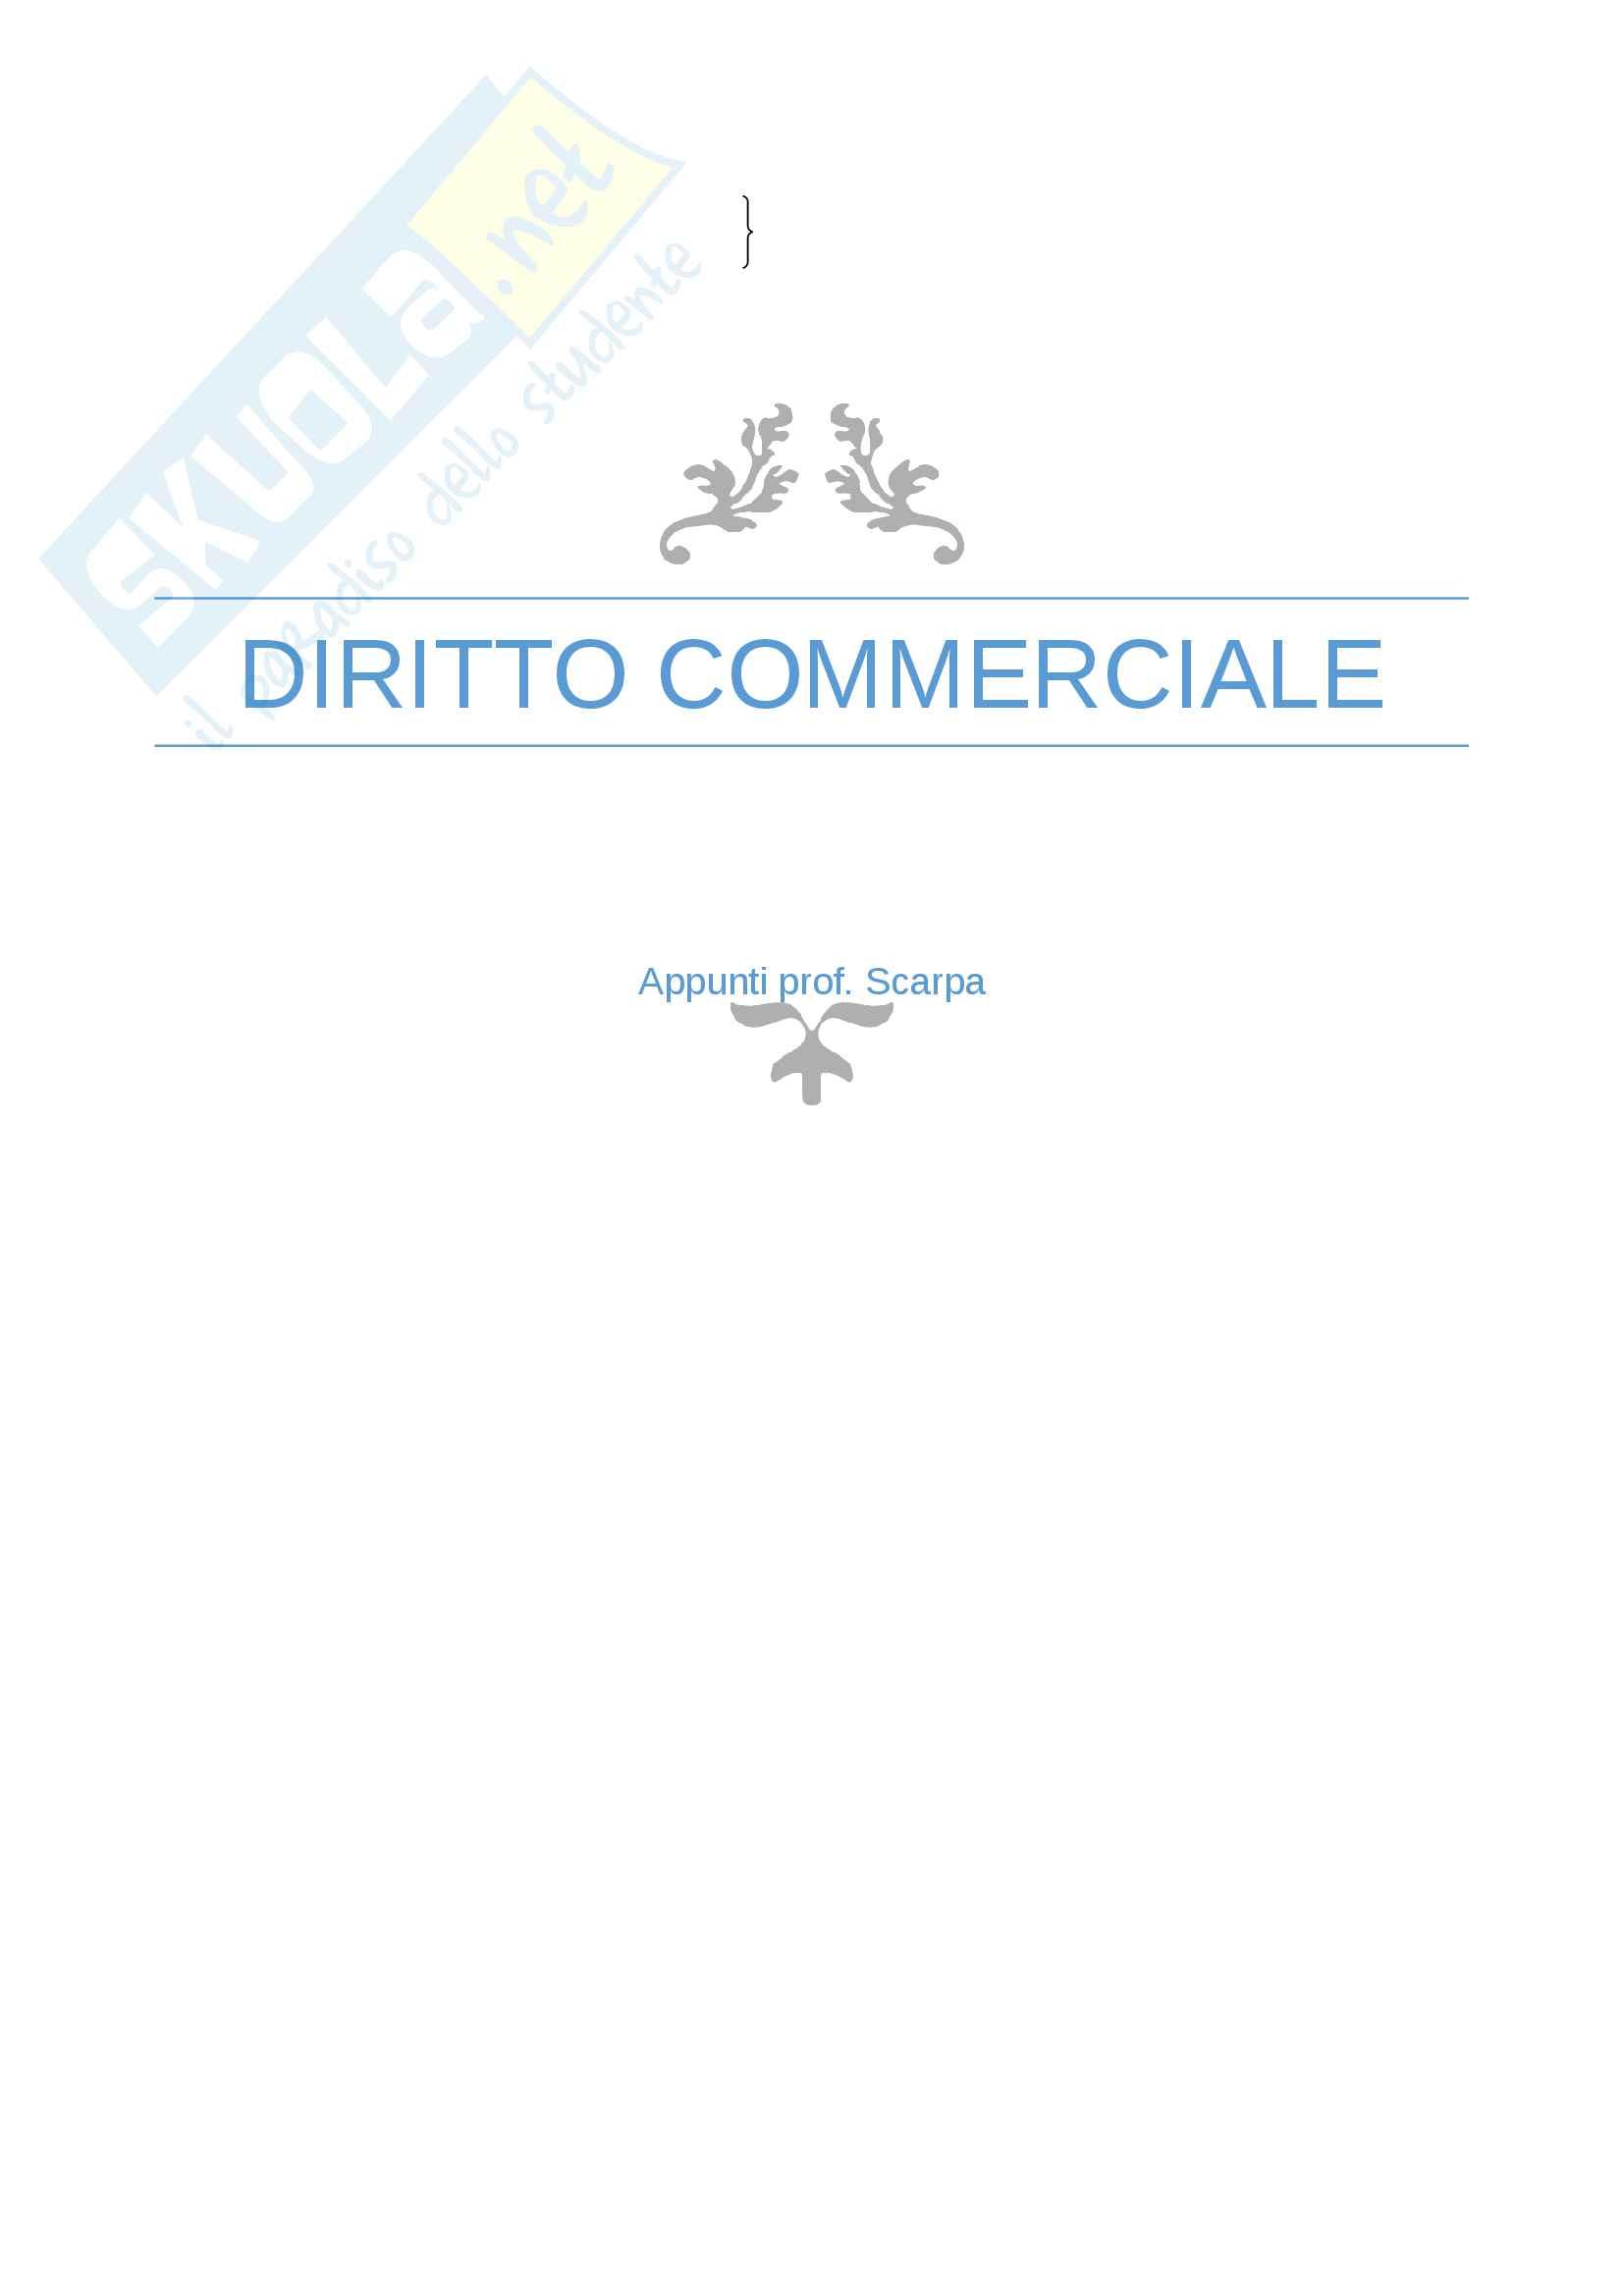 Appunti Diritto commerciale